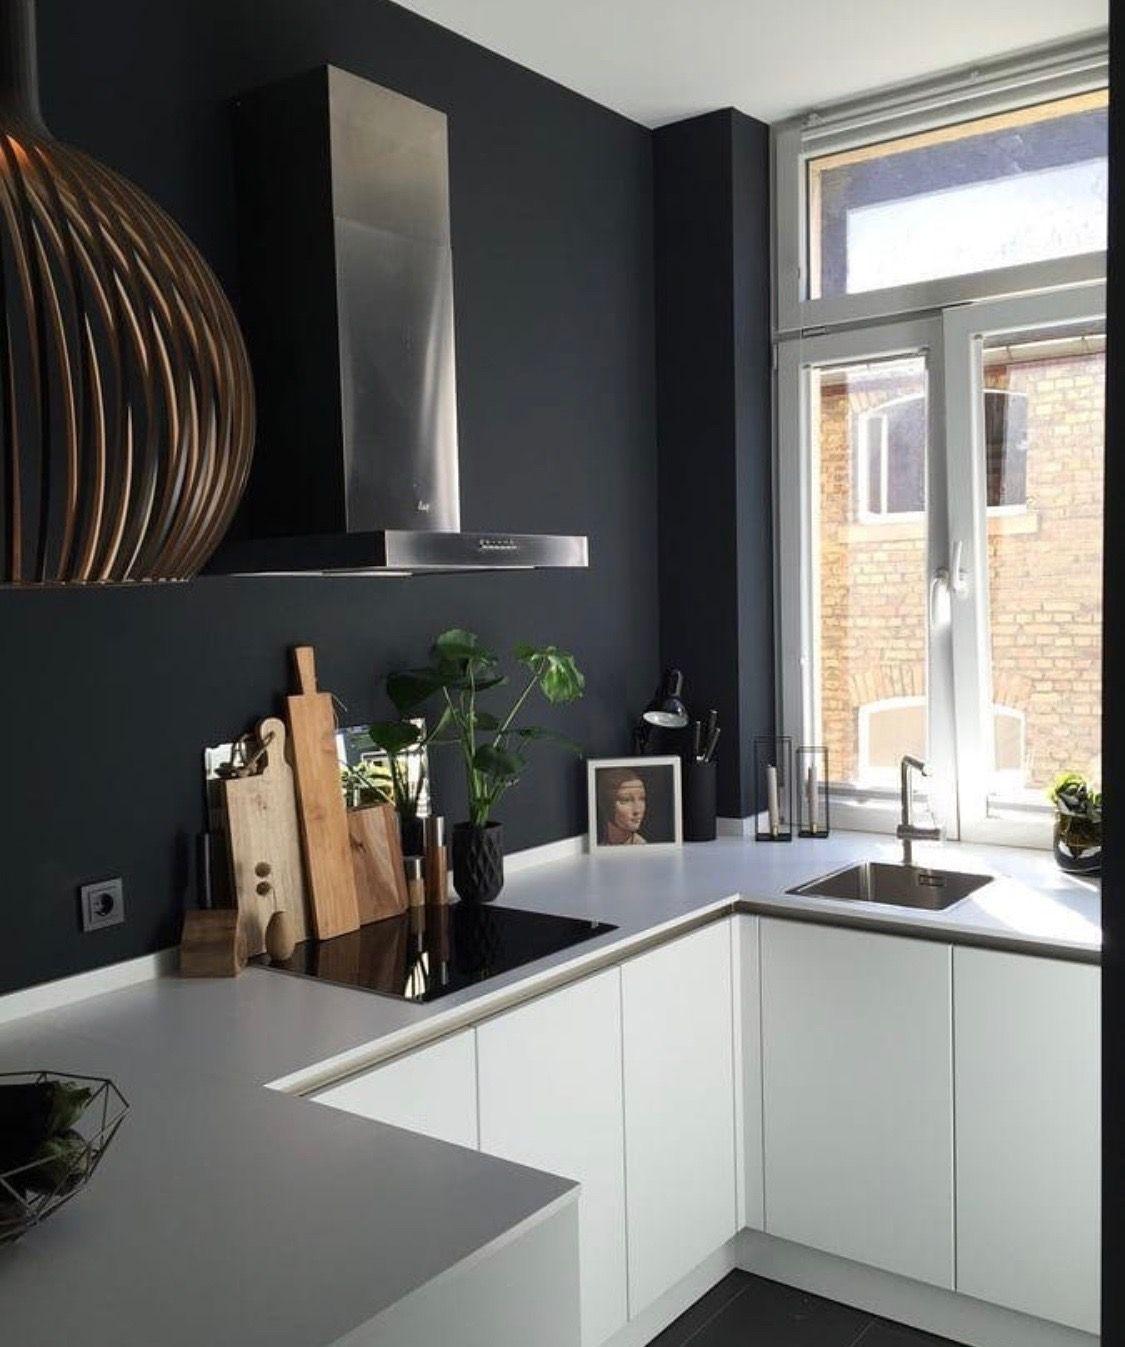 Pin von Rebecca Pople auf Small Kitchen Design | Pinterest | Küche ...